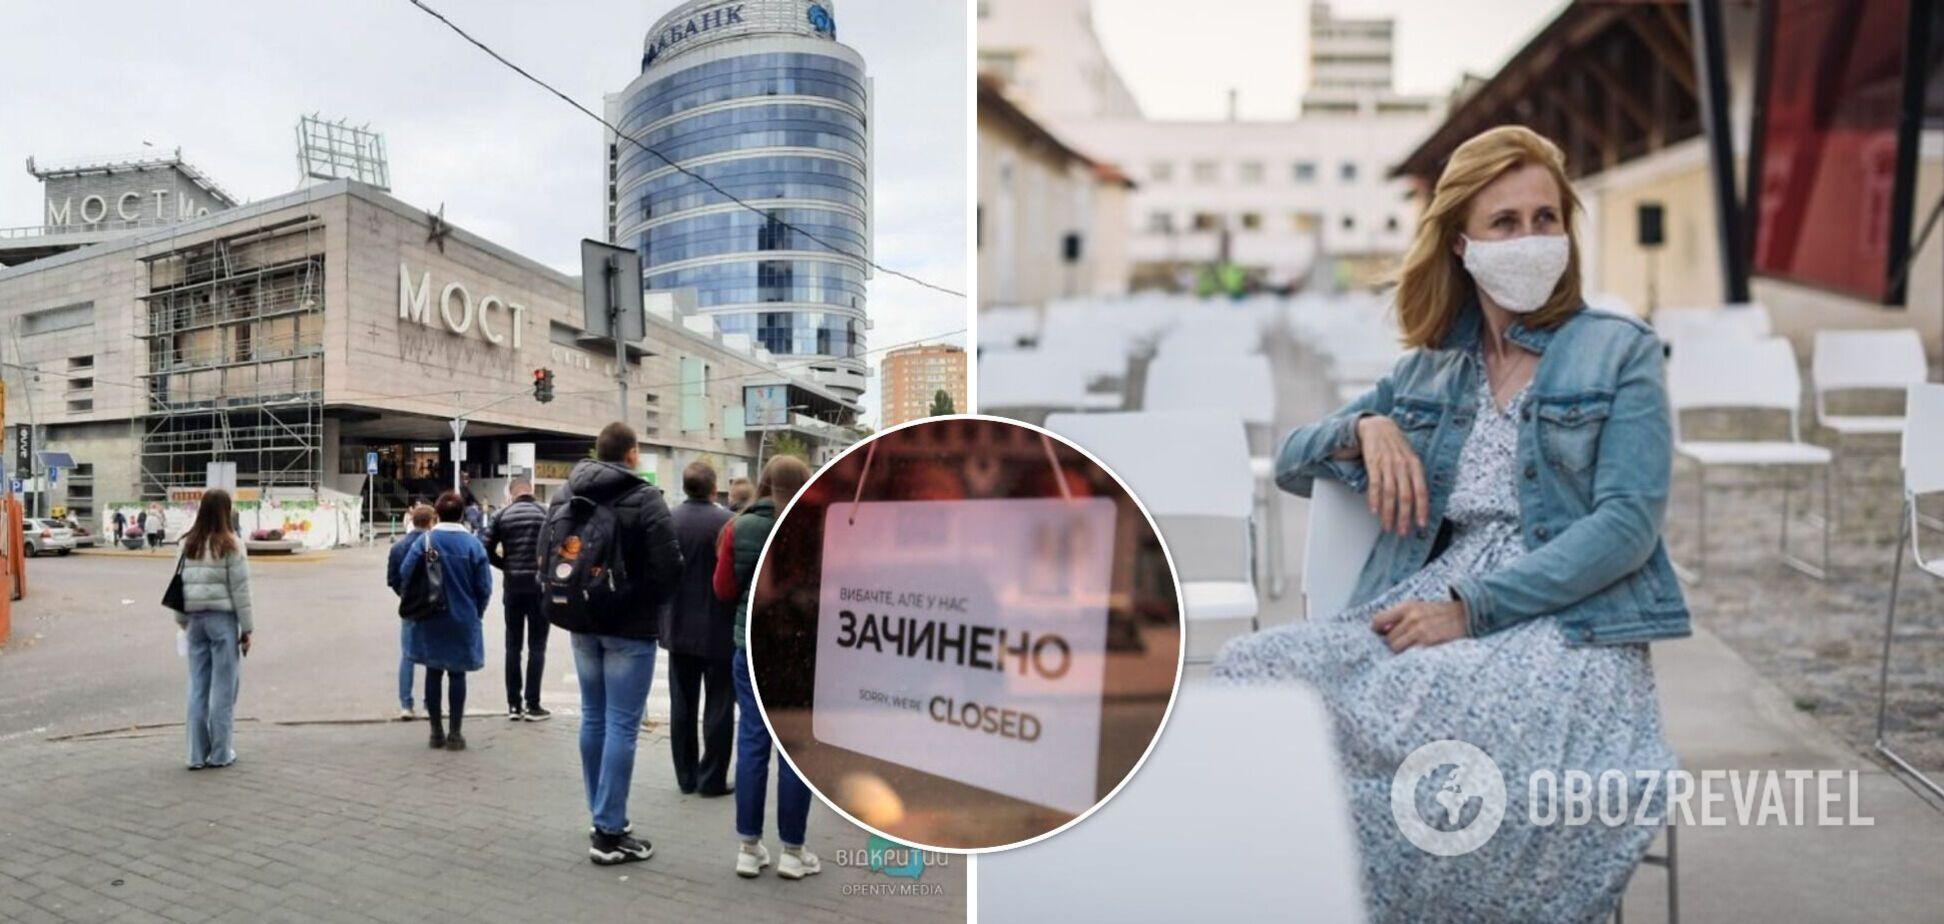 'Червона' зона карантину: як у Дніпрі працюють заклади громадського харчування, торговельного і побутового обслуговування